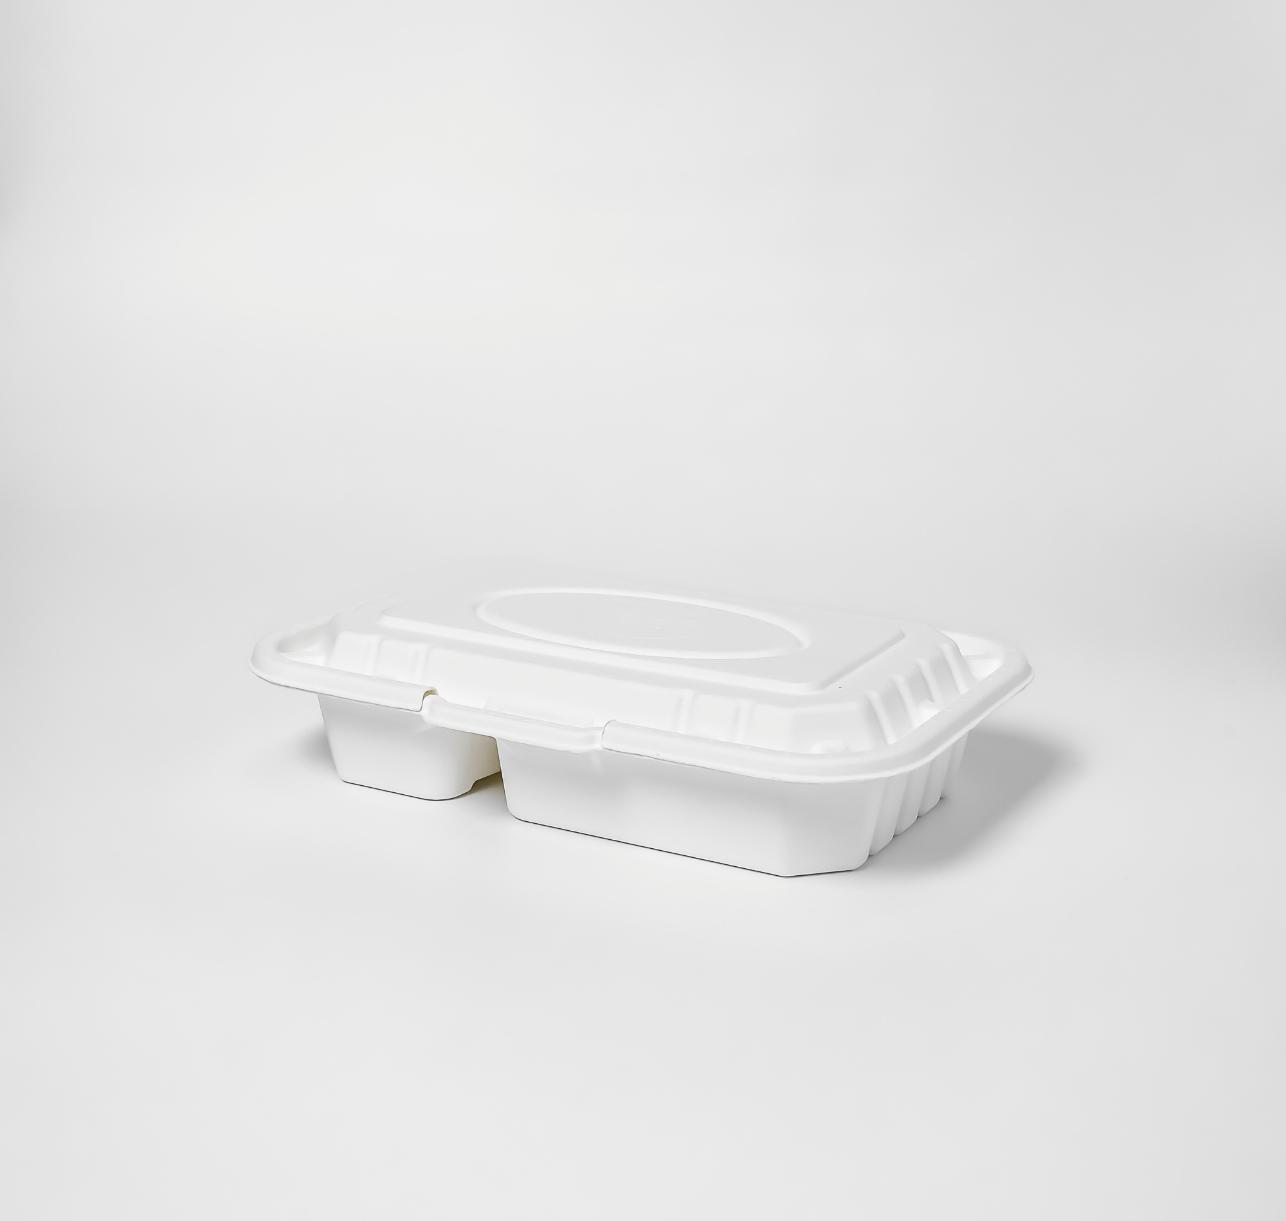 กล่องอาหารเยื่อธรรมชาติ 2 ช่อง Eco 950ml